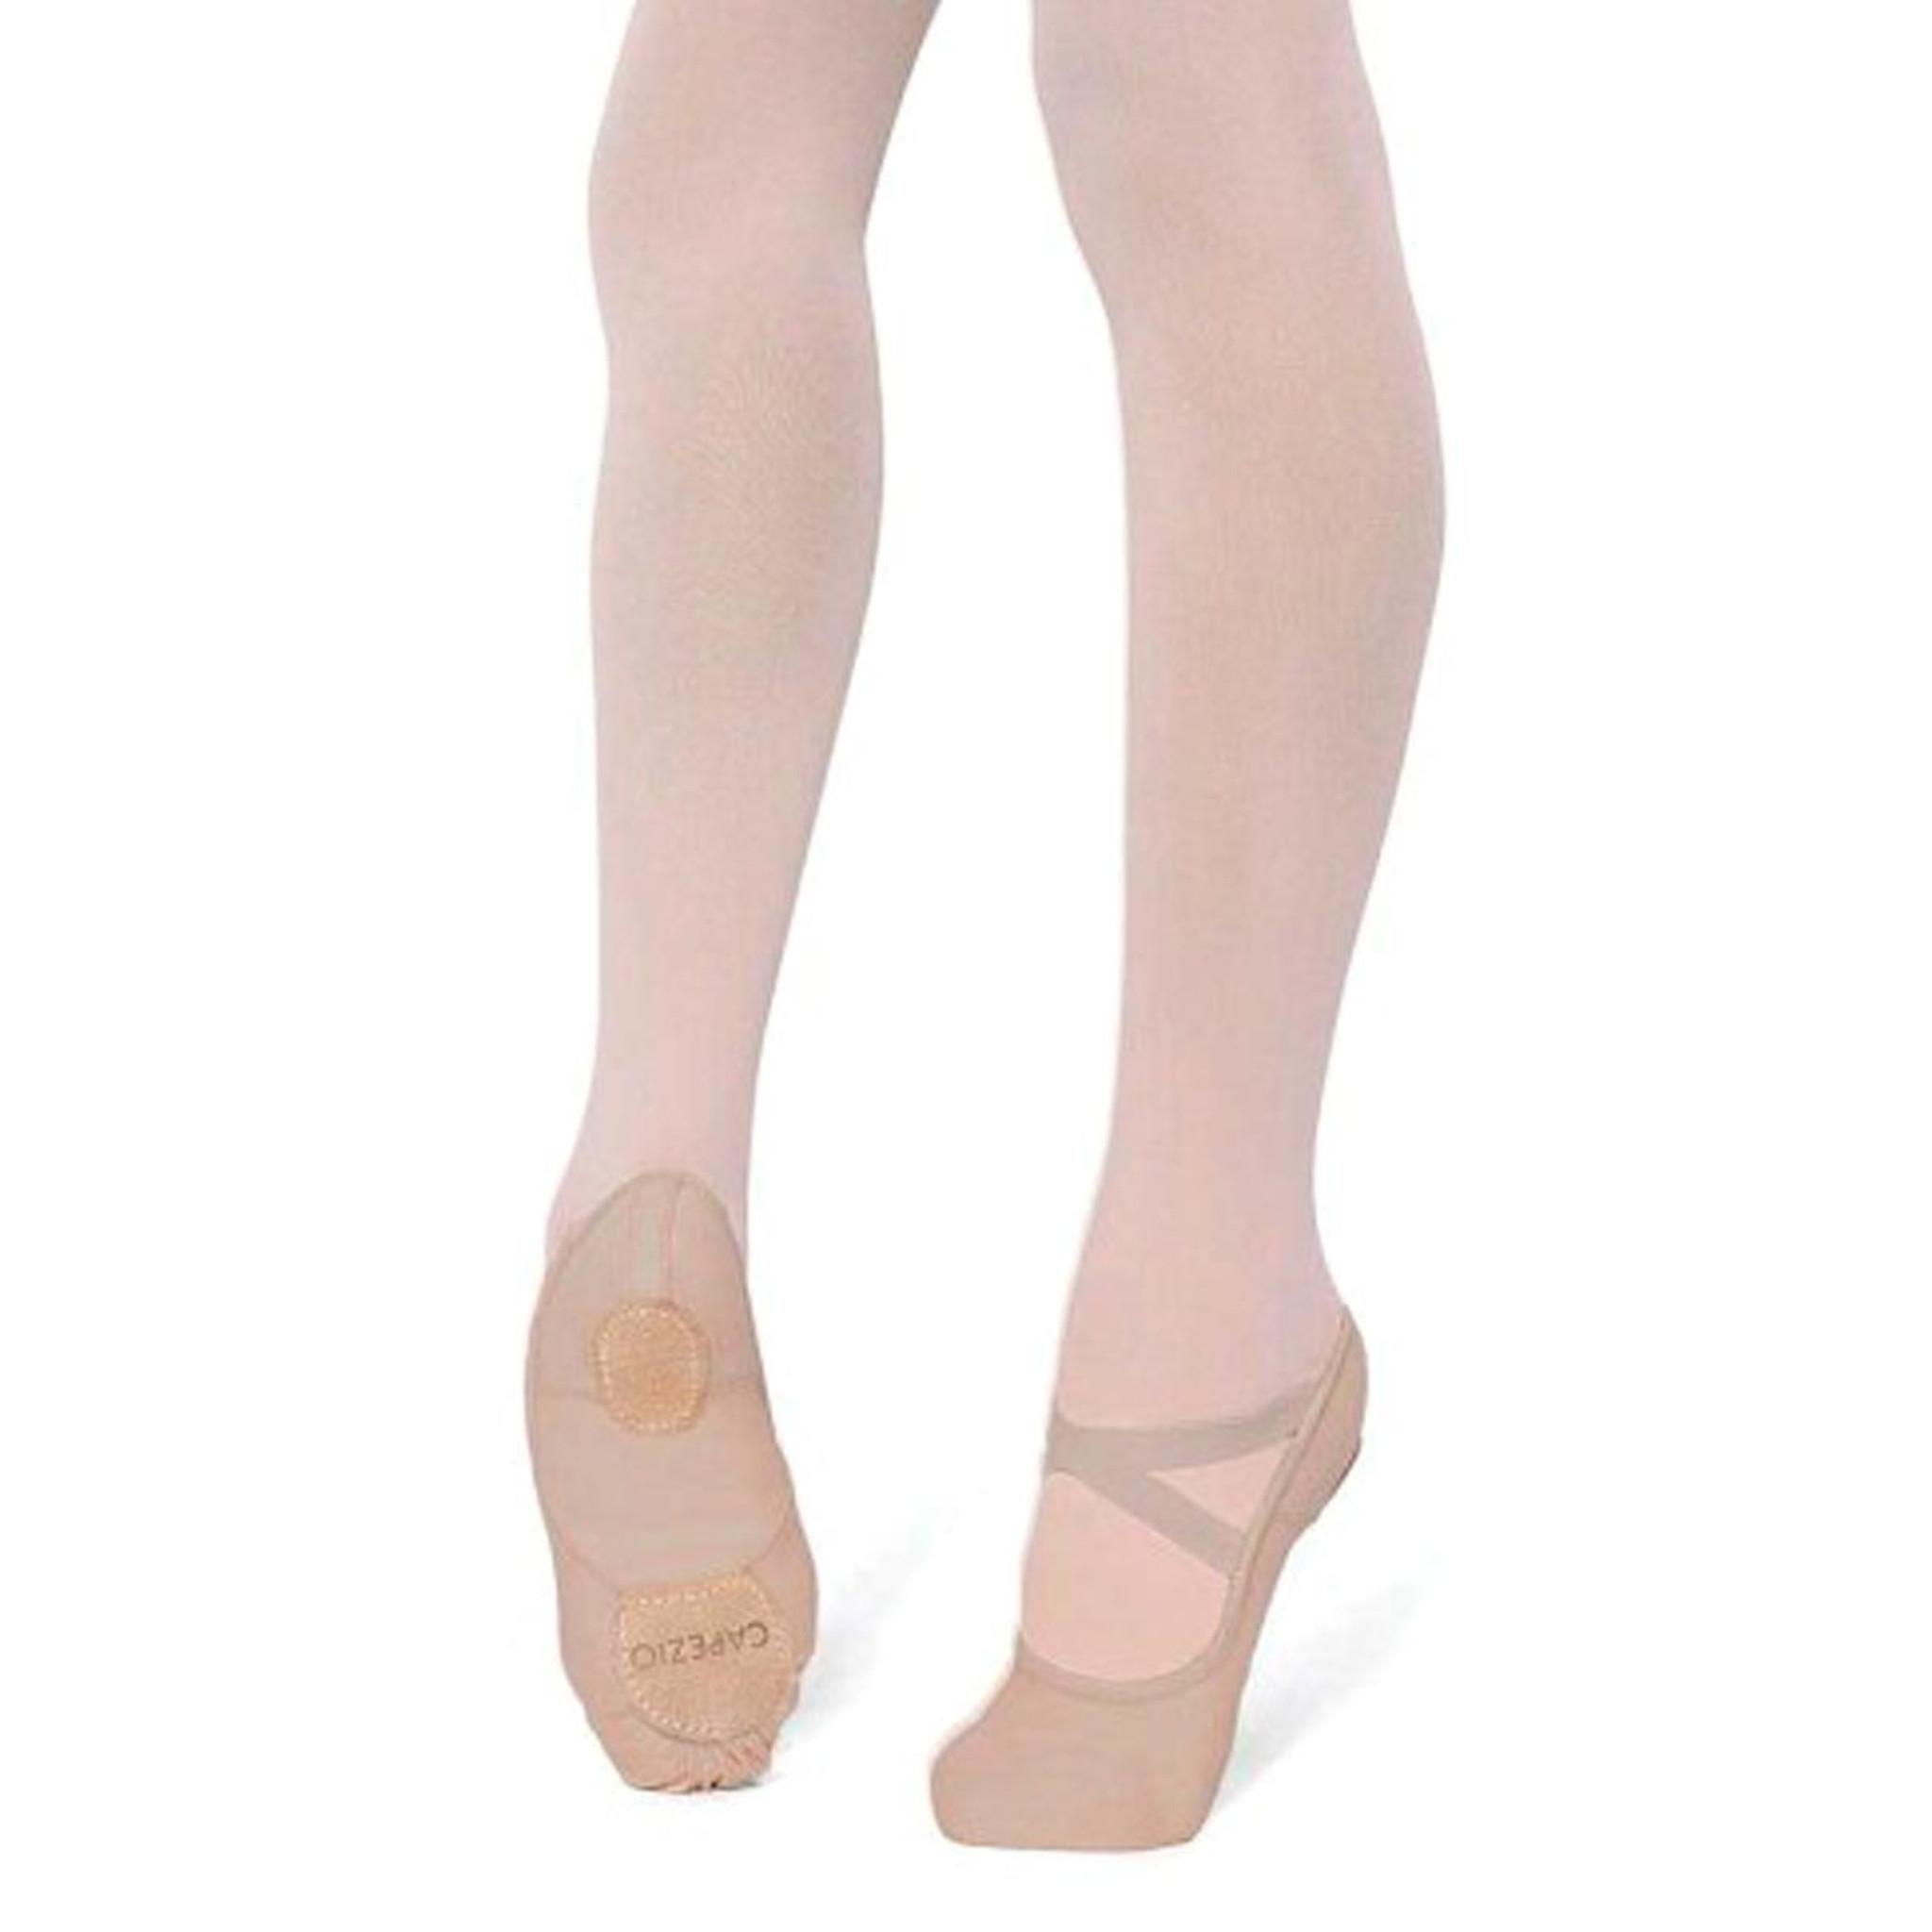 9e1b463bc Capezio Hanami Ballet Shoes - Girls Split Sole Ballet Shoe - DANCE ...